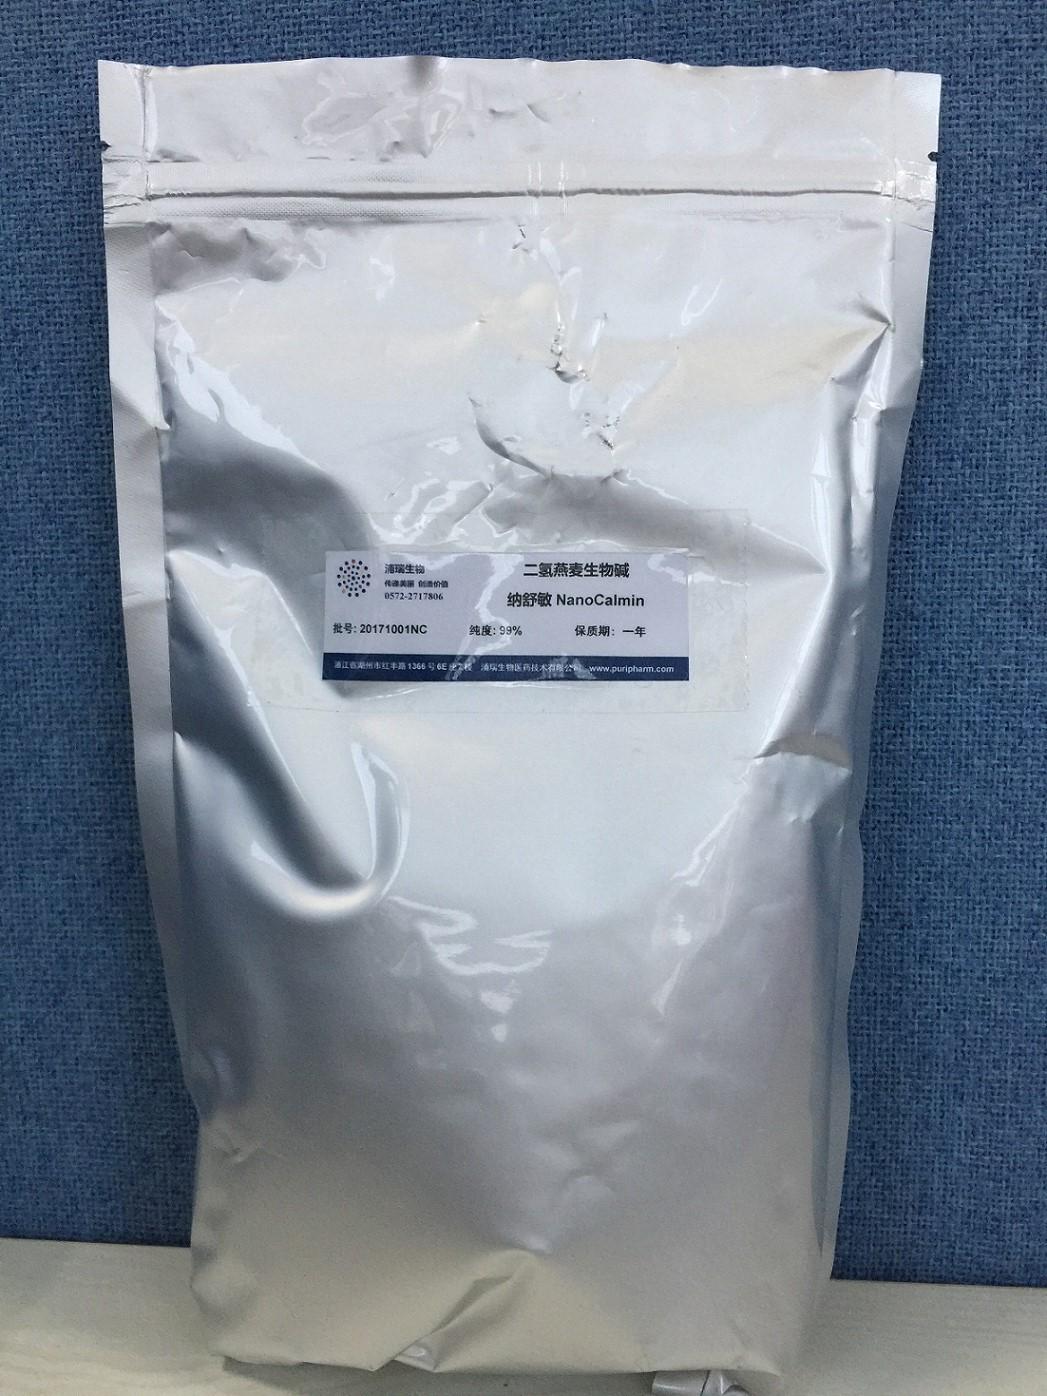 化妆品原料—羟苯基丙酰胺苯甲酸